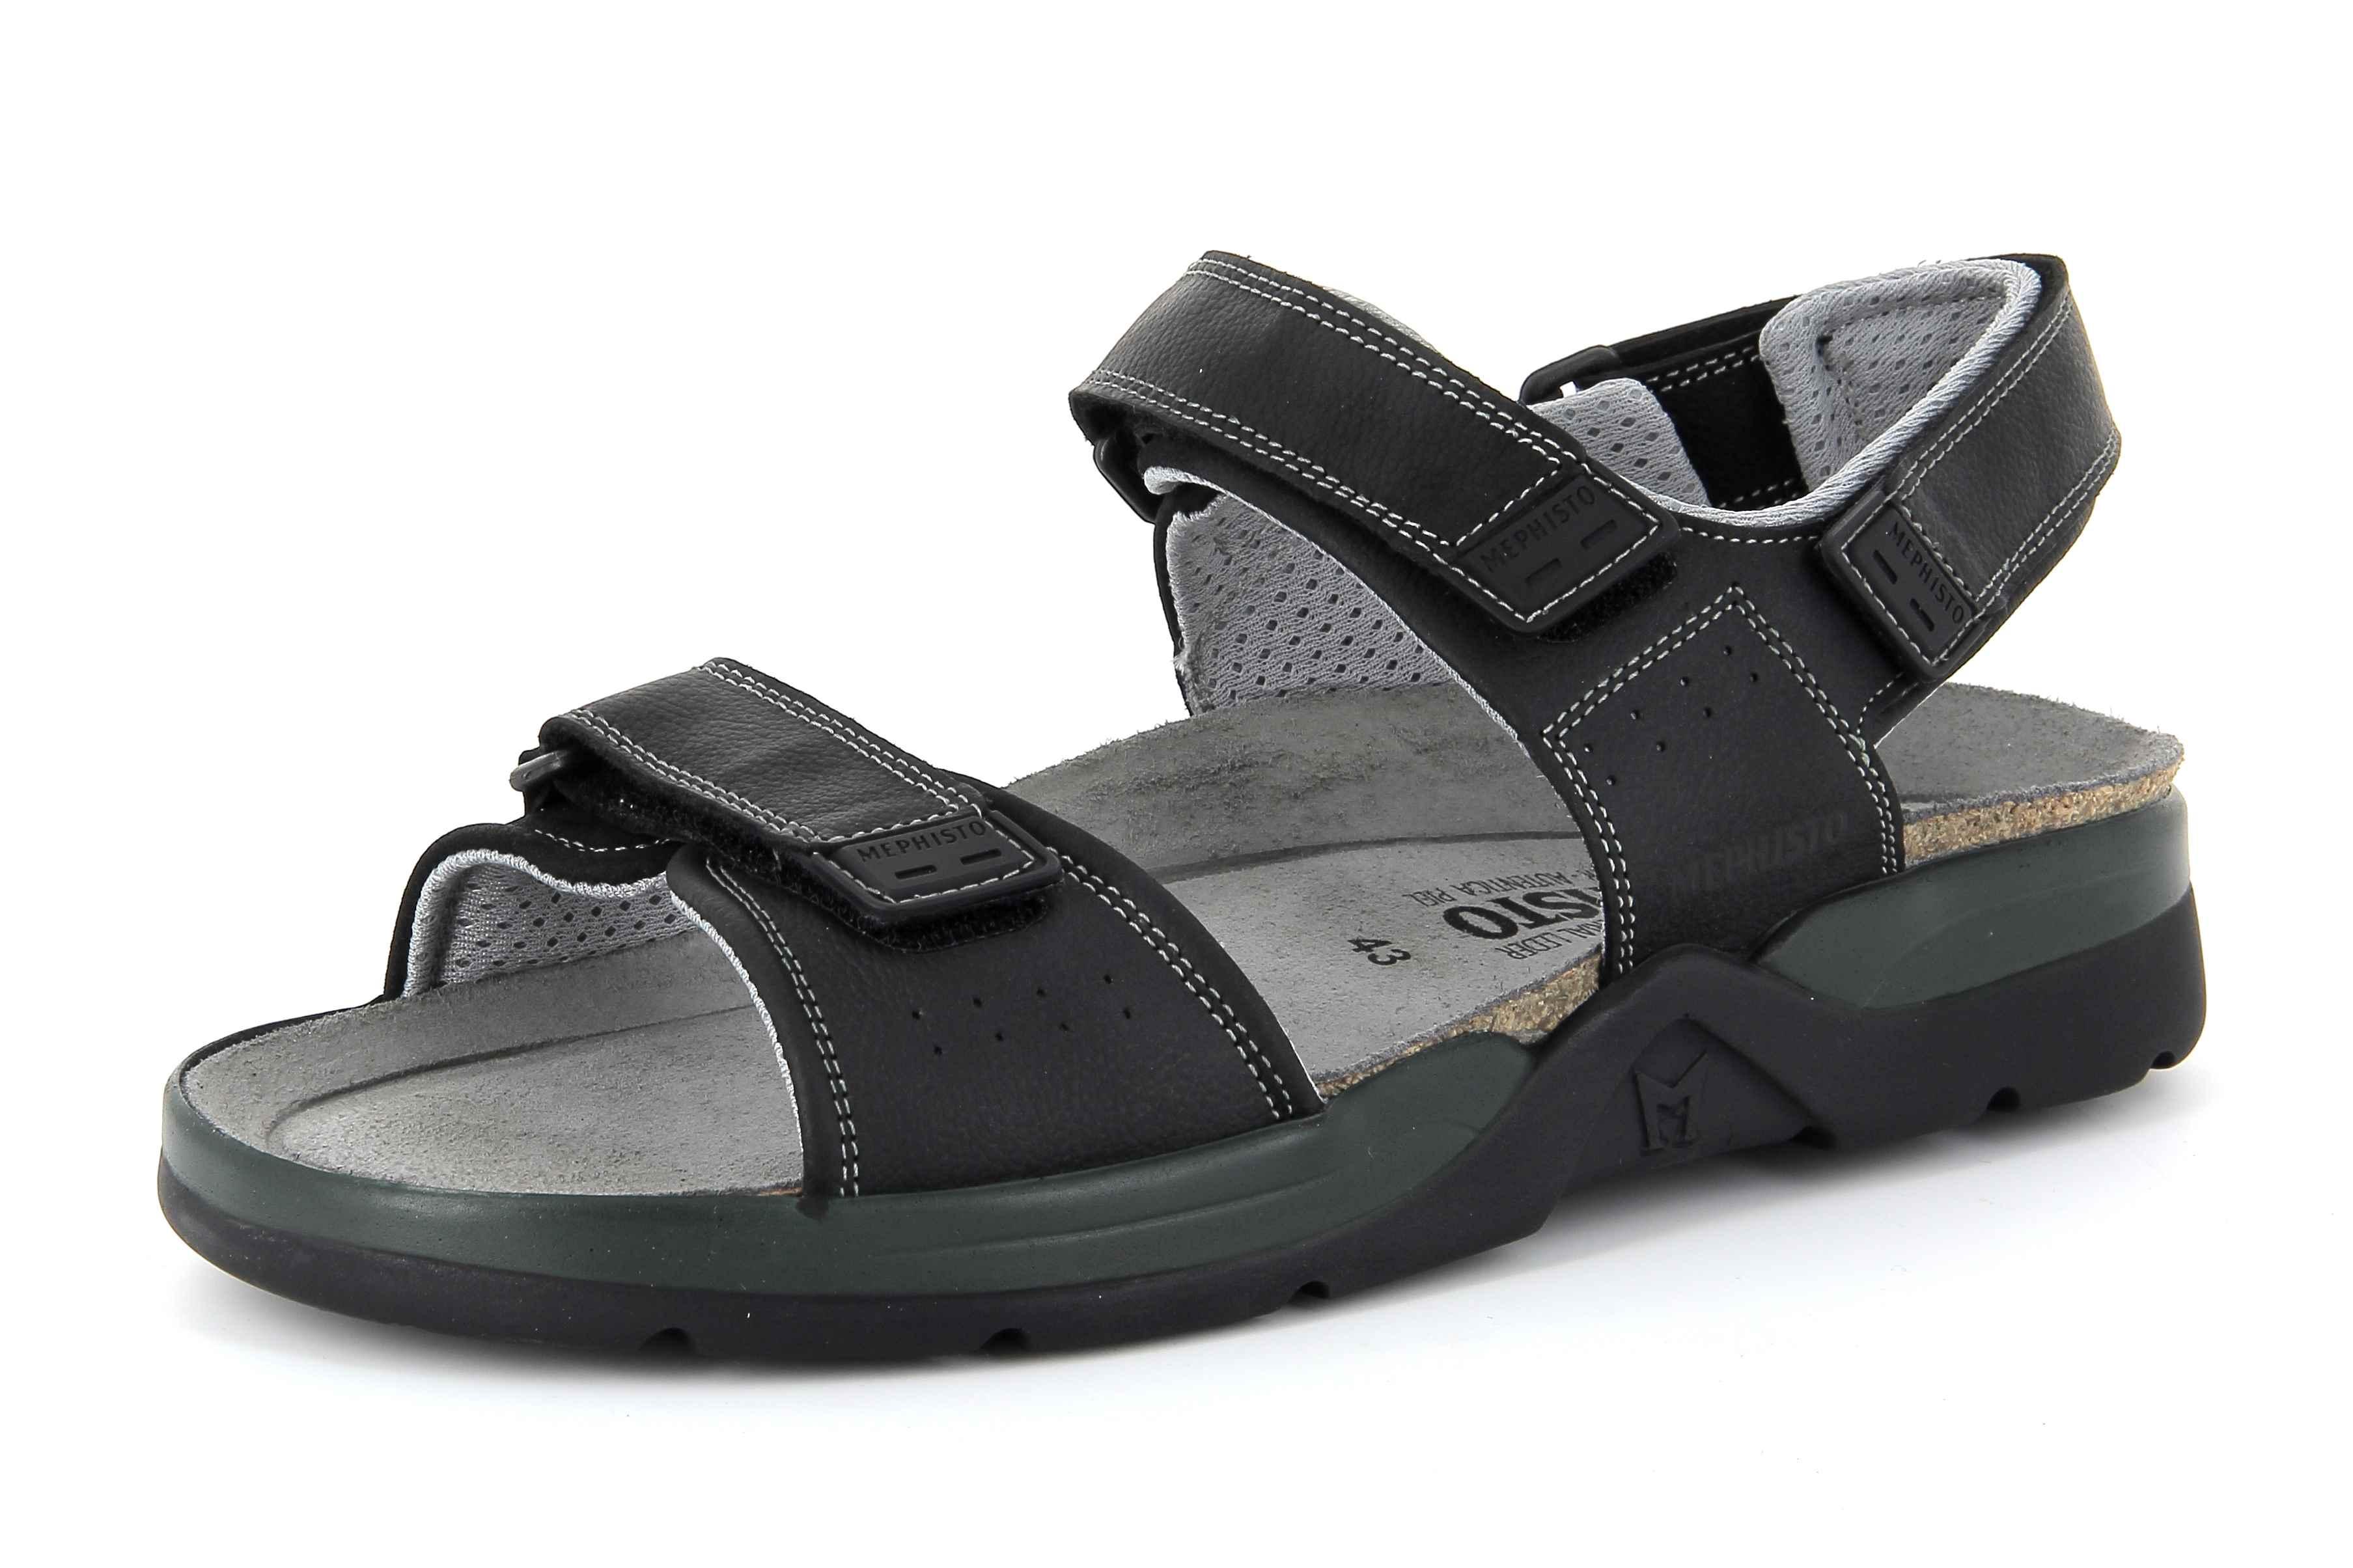 Sandales Yann Modèle Shop Homme Chaussures Confortables Mephisto w4qt0YUw